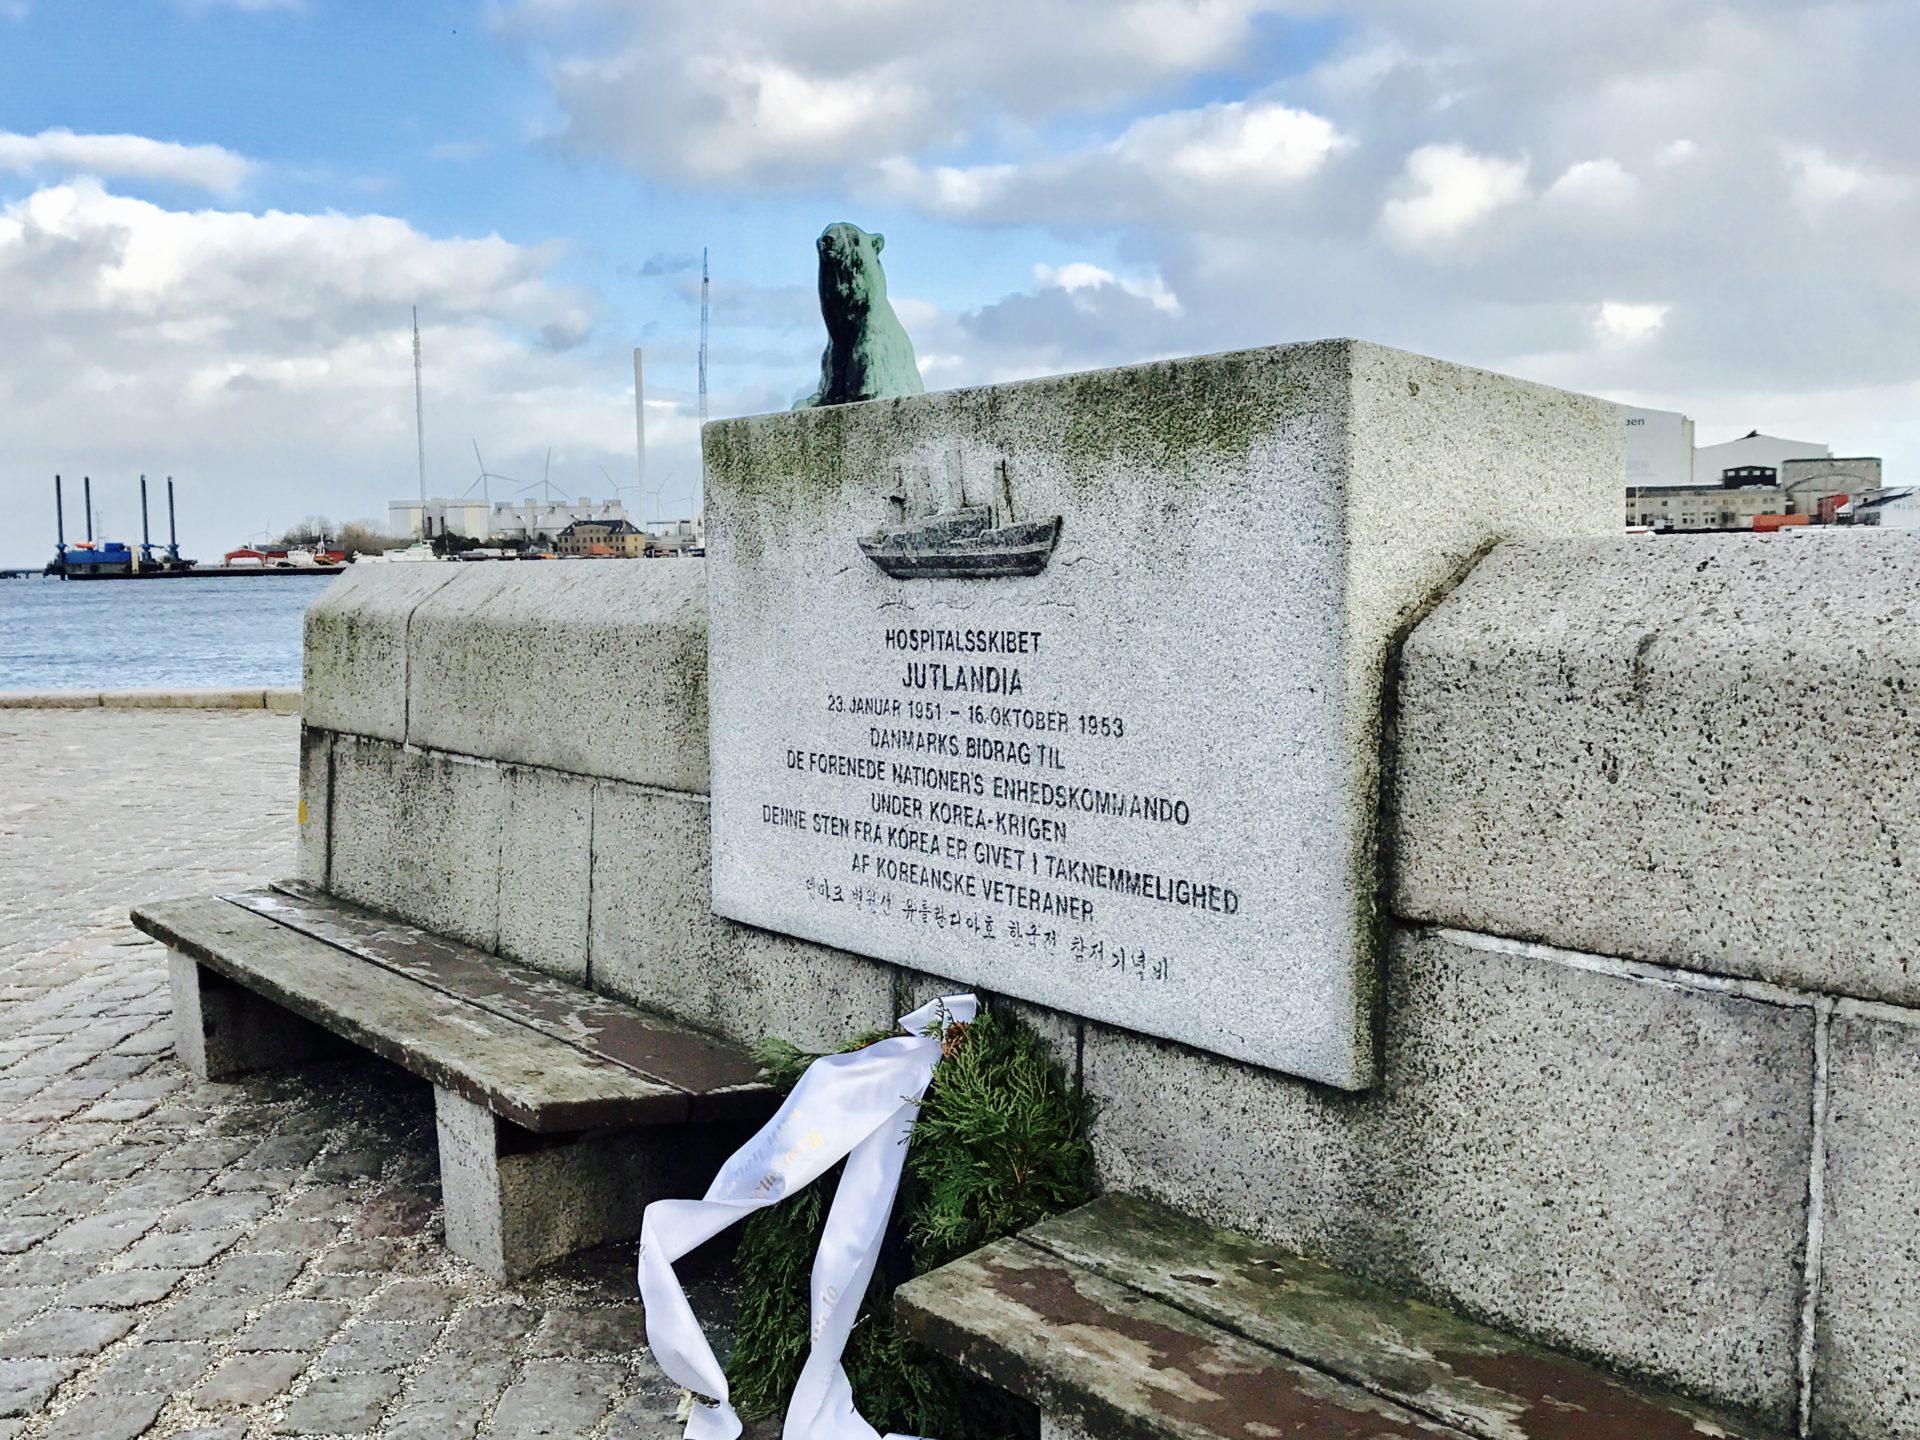 Korean War Memorials - Copenhagen - Denmark